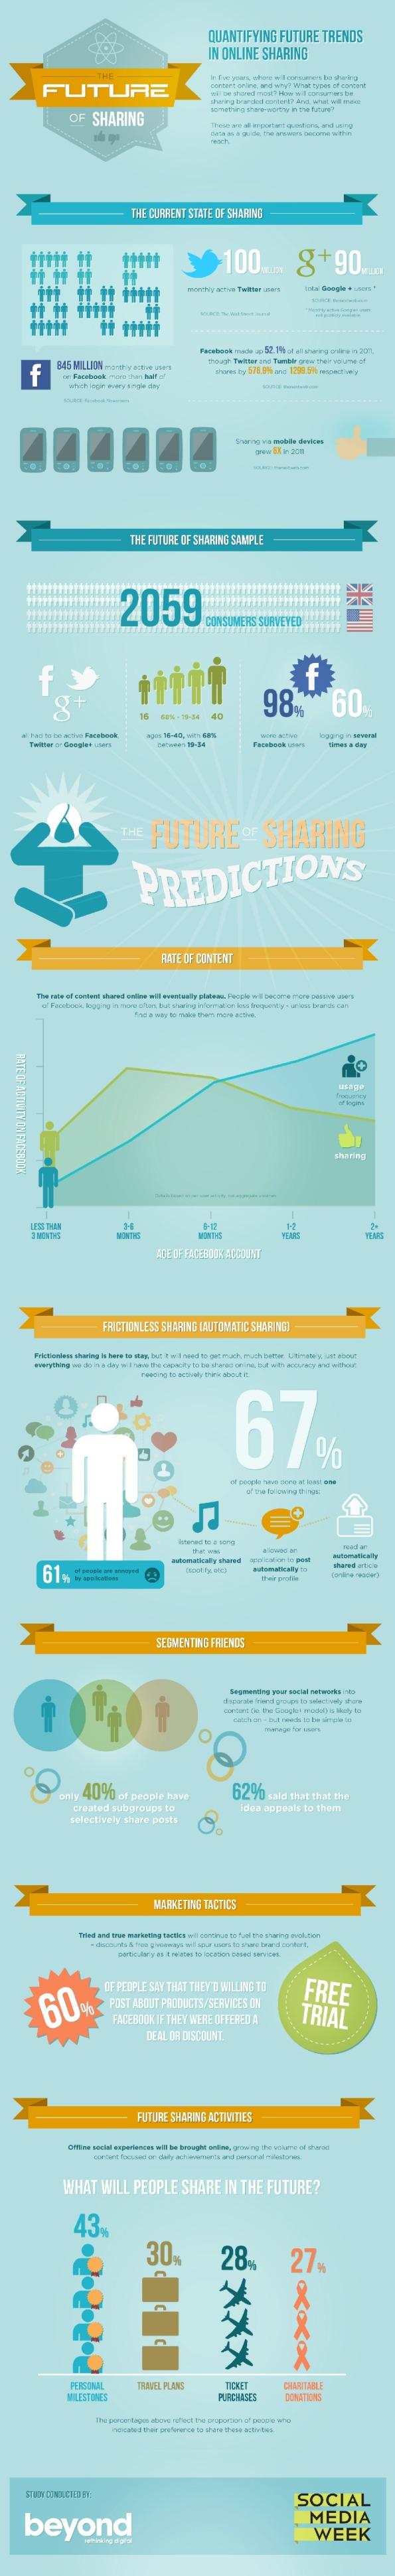 El futuro de compartir en Facebook, Twitter y Google+